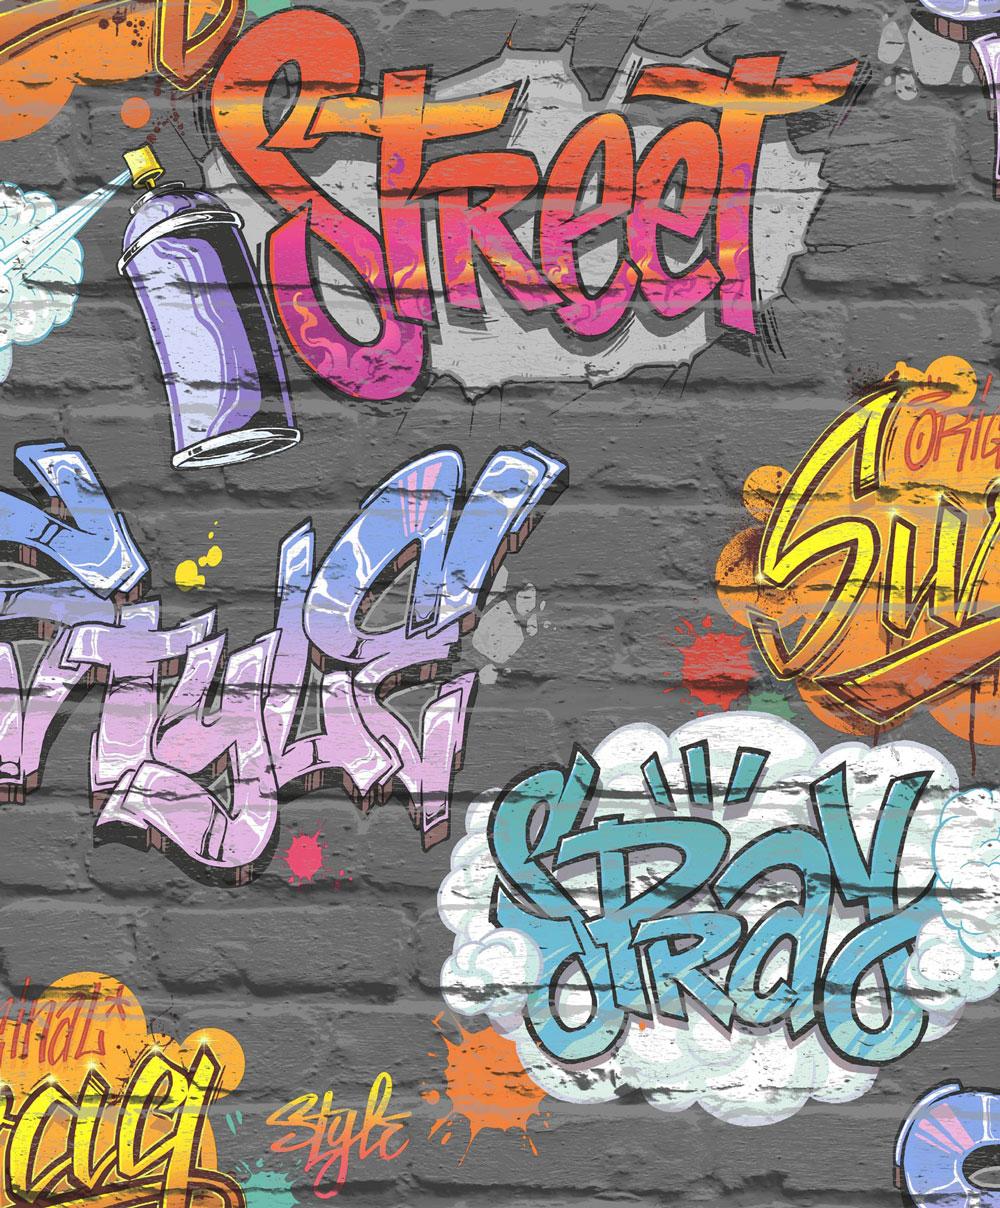 Albany Graffiti Tag Black Wallpaper Main Image